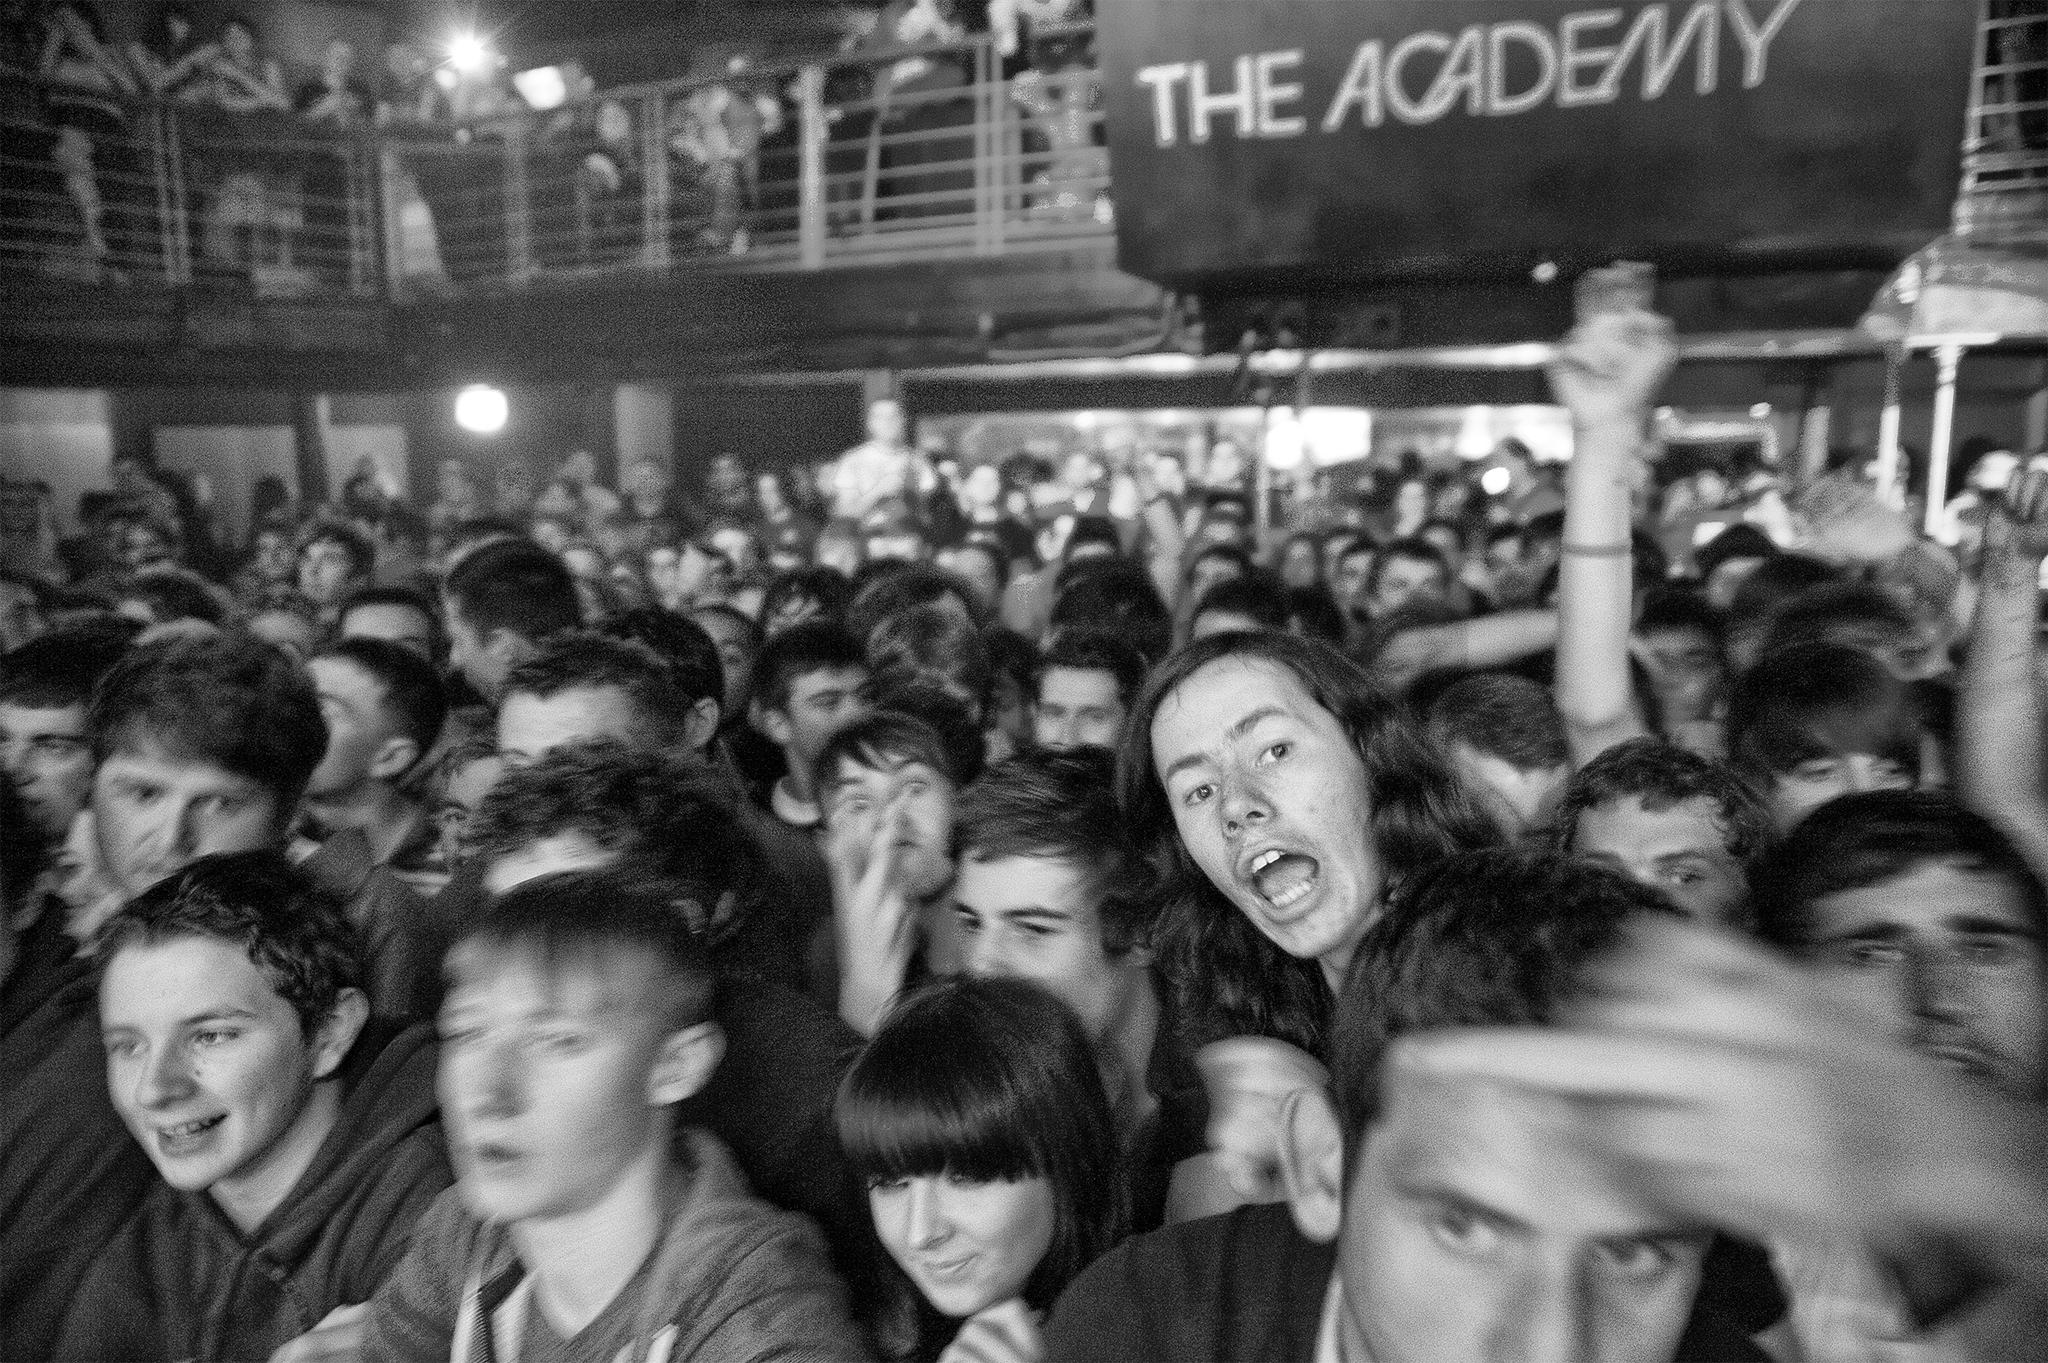 Crowd at OFWGKTA